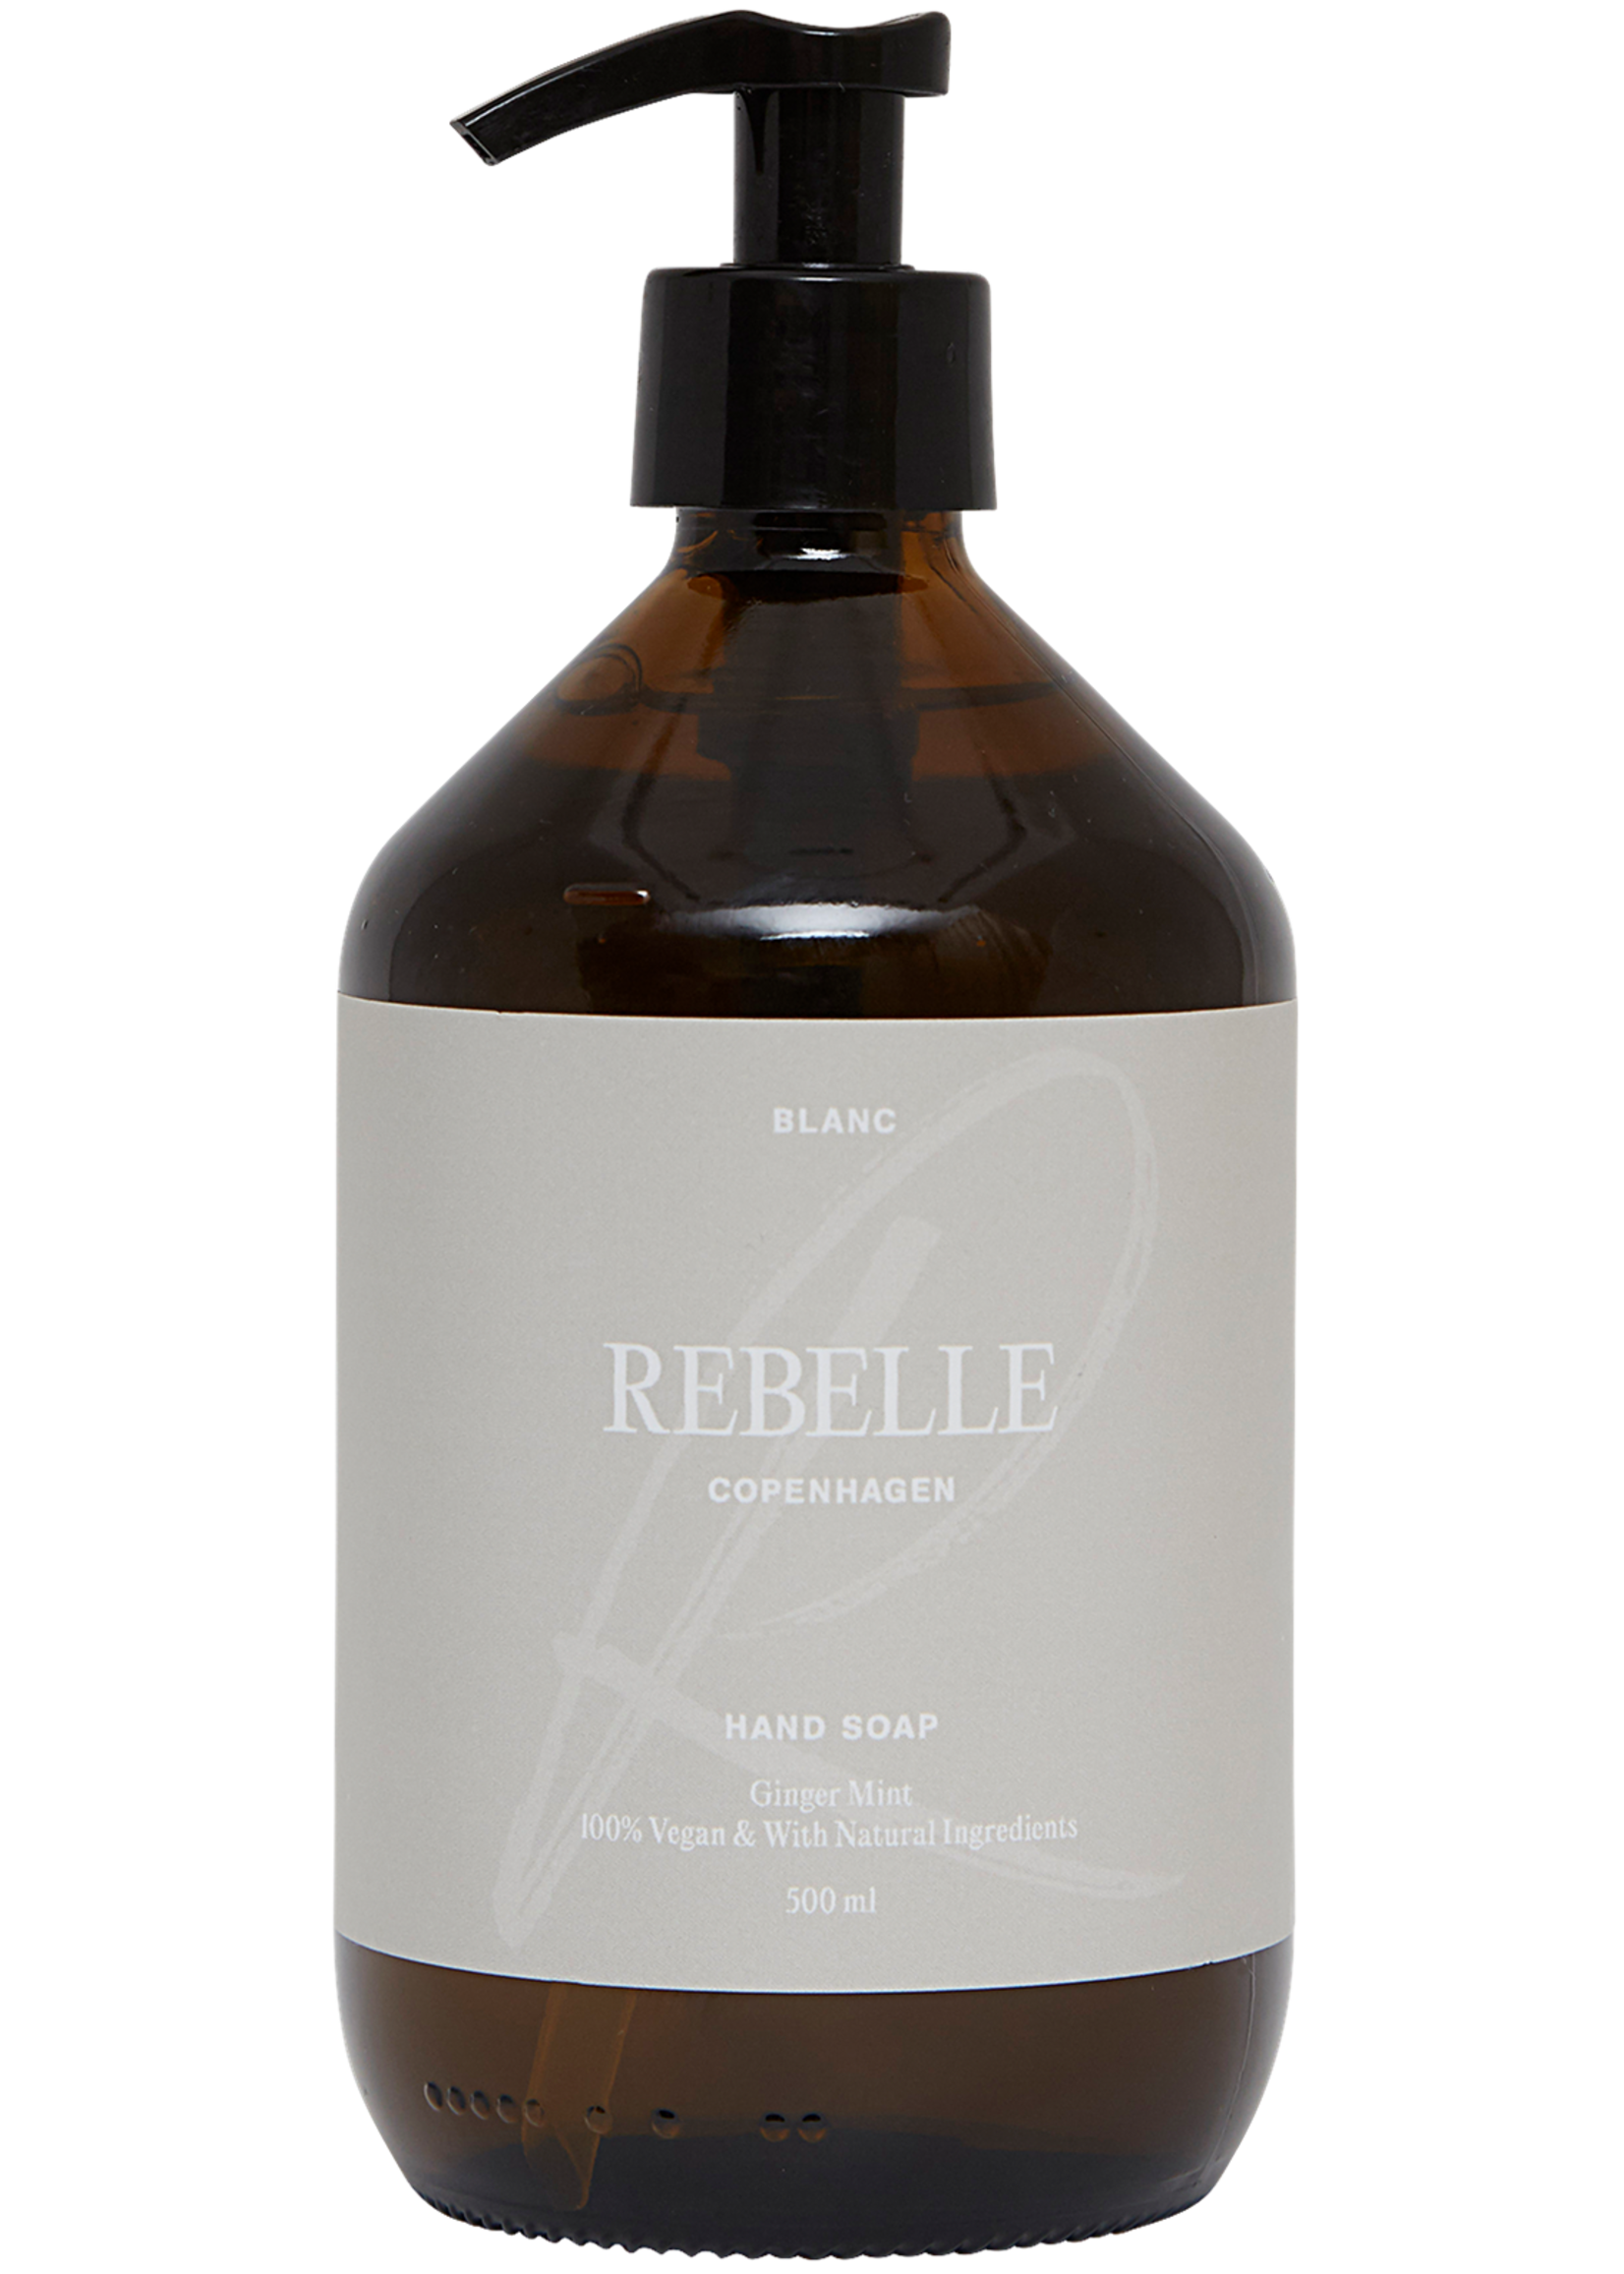 Rebelle Hand Soap